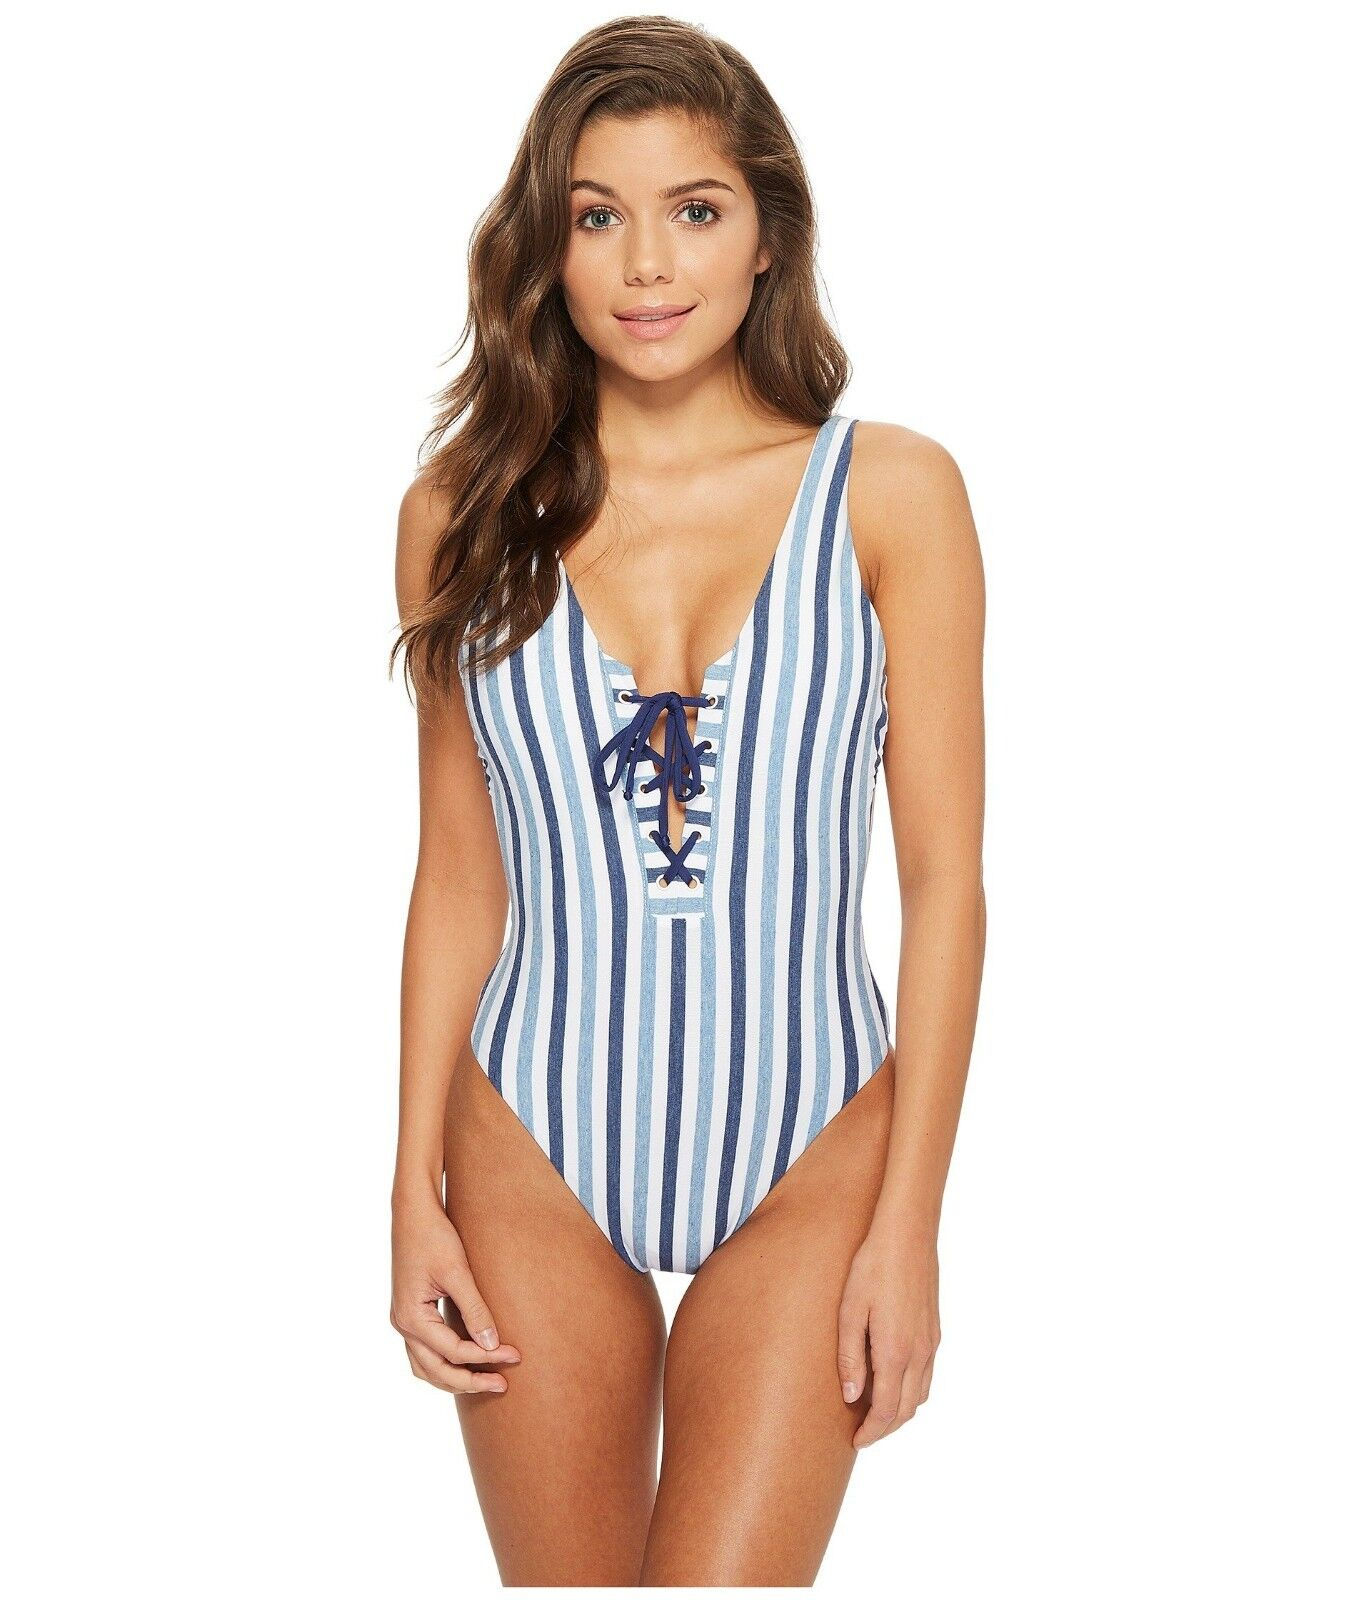 Splendid Tie-Dye Stripe One-Piece Swimsuit 7304 Größe Large